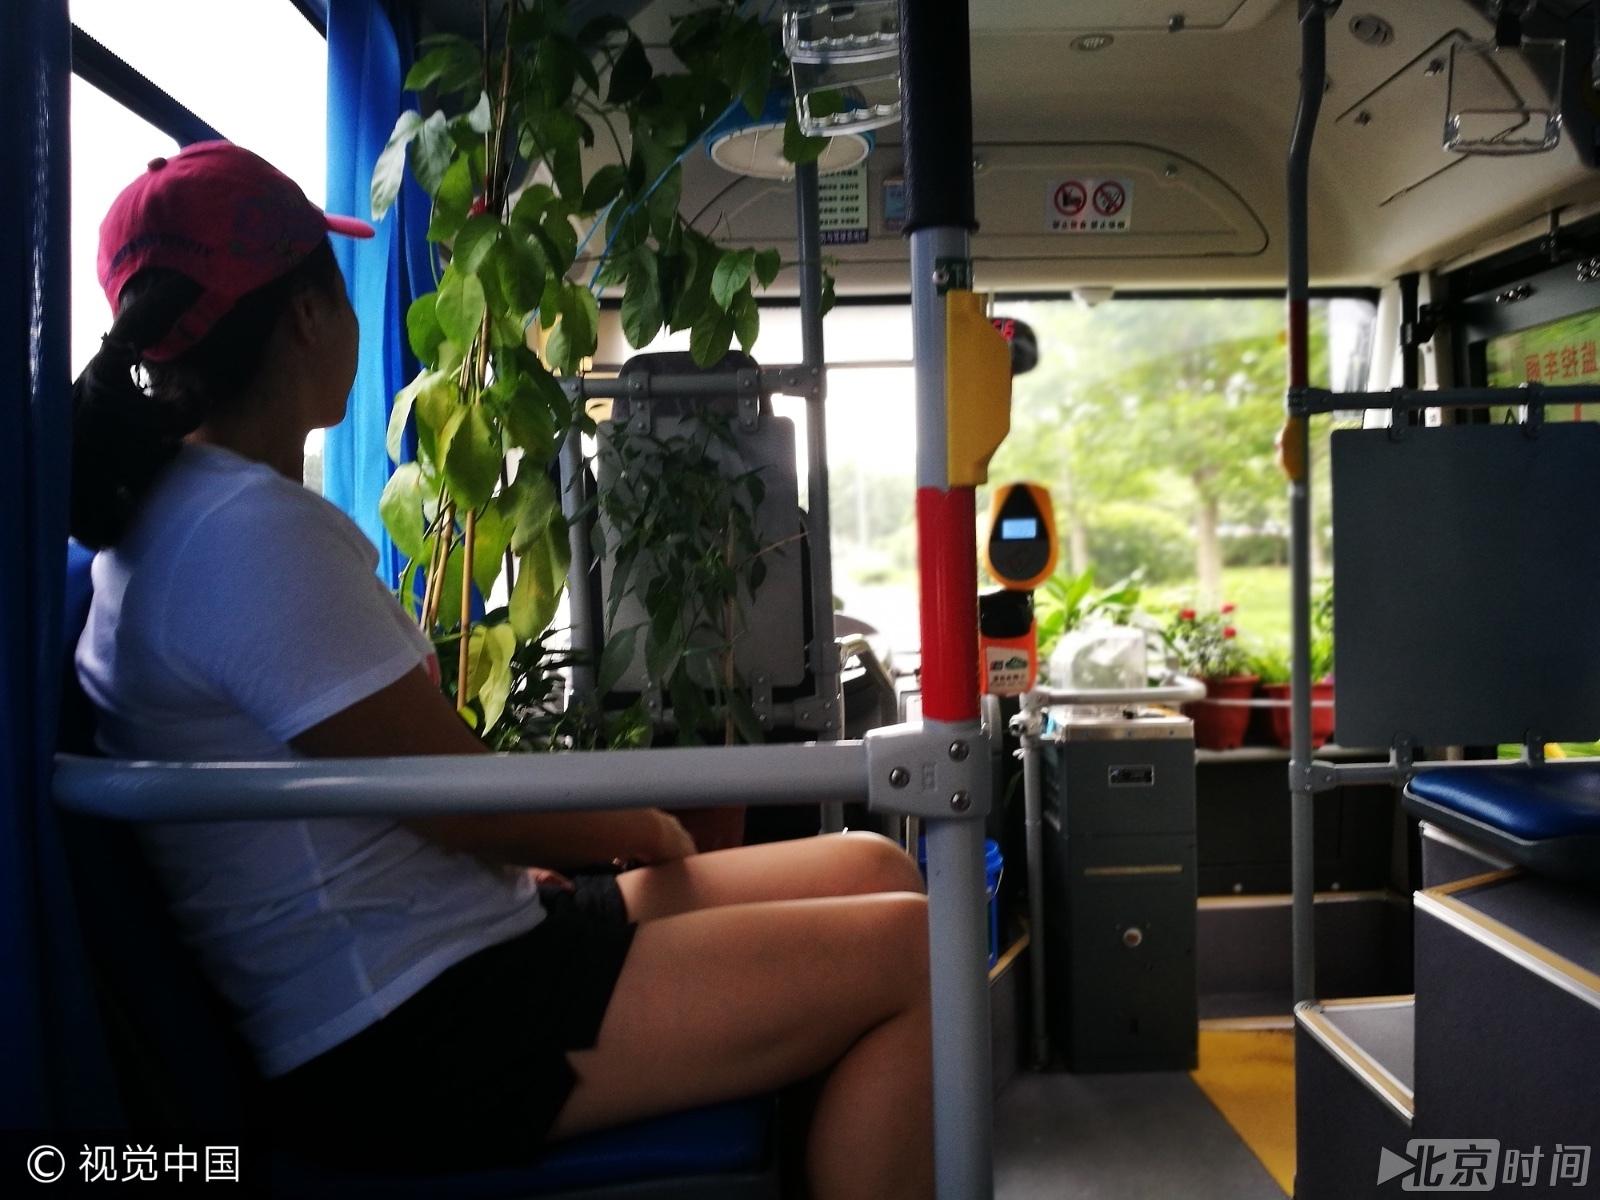 别样绿色出行!女司机公交车内种丝瓜辣椒 - 武汉老徐 - 武汉老徐的博客